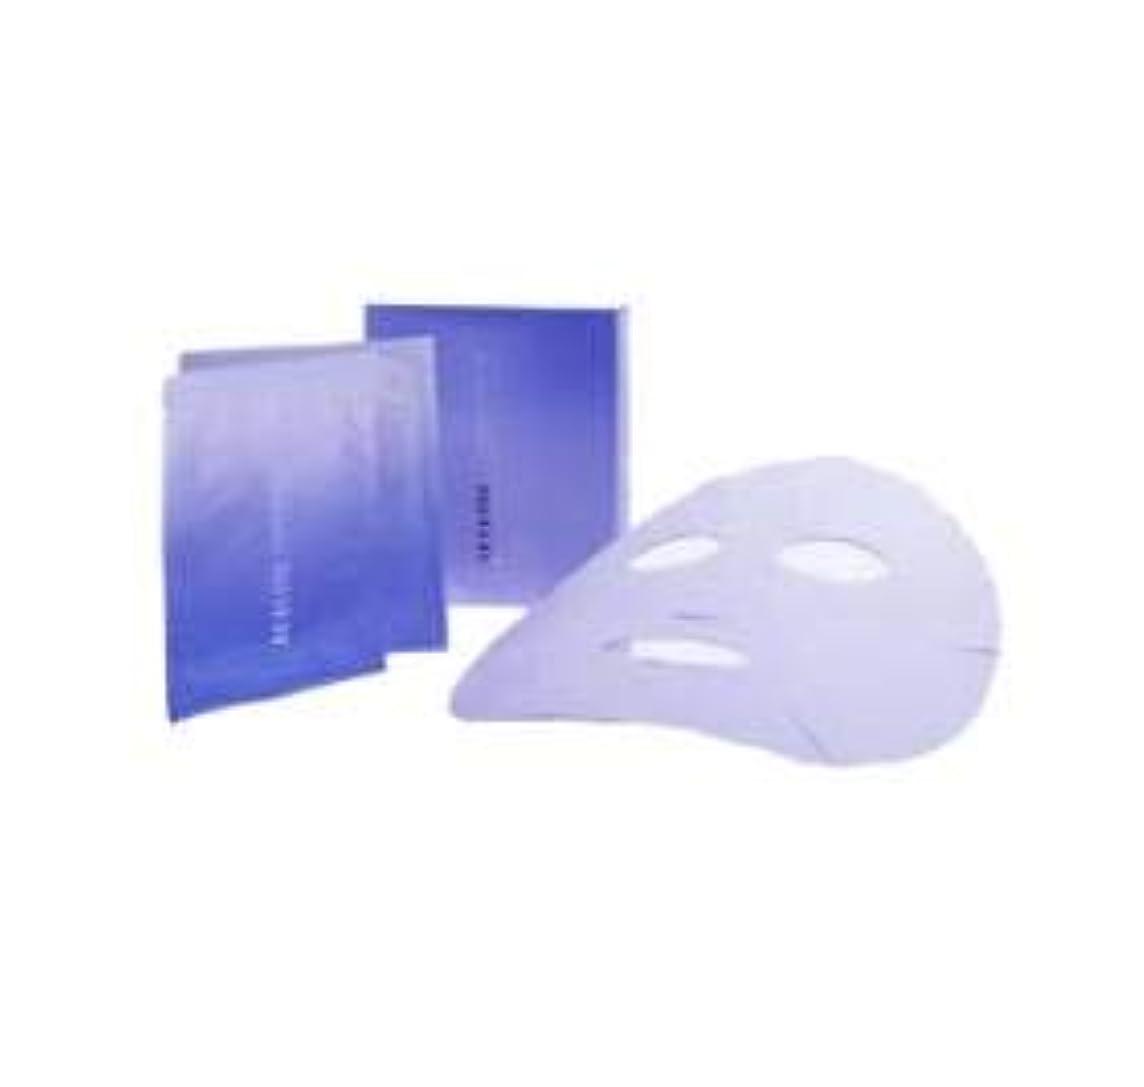 技術大きさフレットアクセーヌ シーバムクリーン ウォーター ACモイスト マスク 16mL×6枚